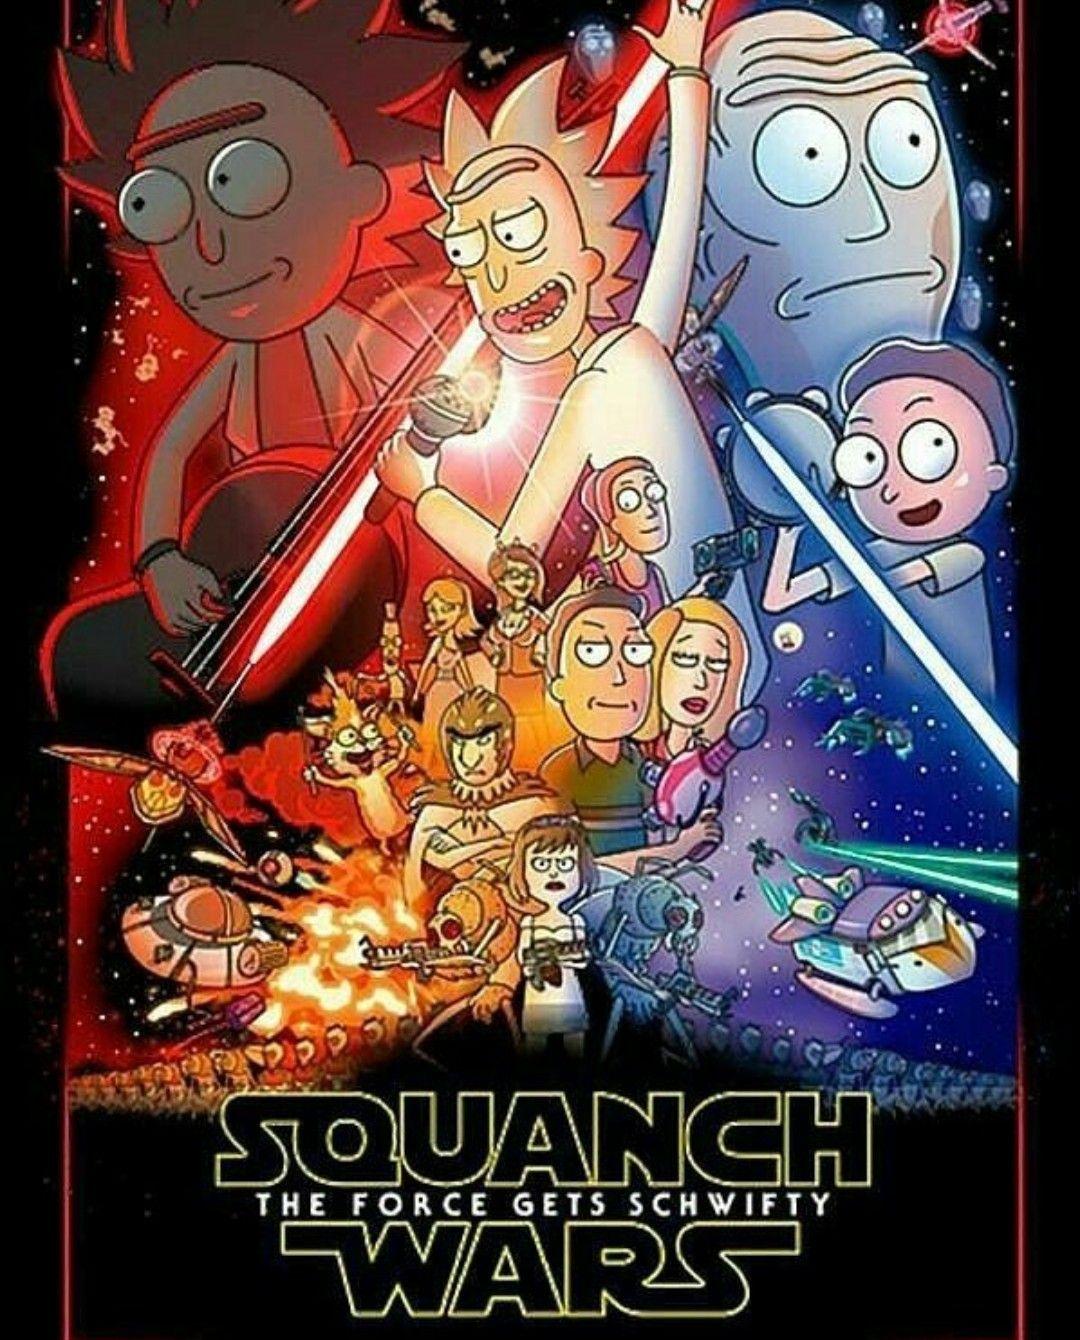 Rick And Morty Star Wars Mash Up Rick And Morty Poster Rick I Morty Rick And Morty